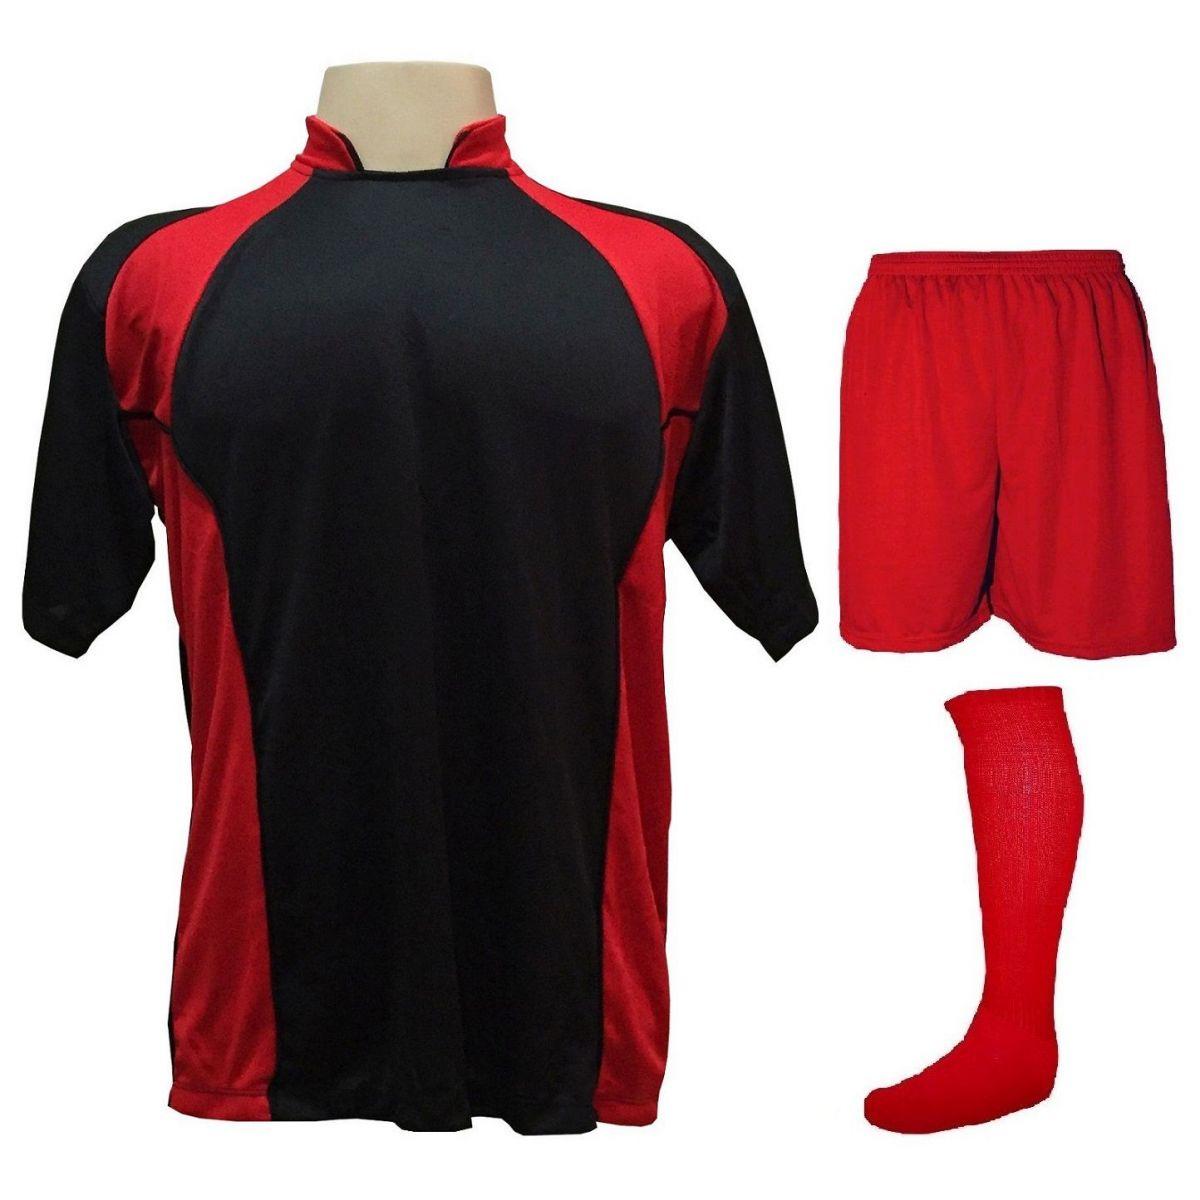 Uniforme Esportivo Completo modelo Suécia 14+1 (14 camisas Preto/Vermelho + 14 calções Madrid Vermelho + 14 pares de meiões Vermelhos + 1 conjunto de goleiro) + Brindes